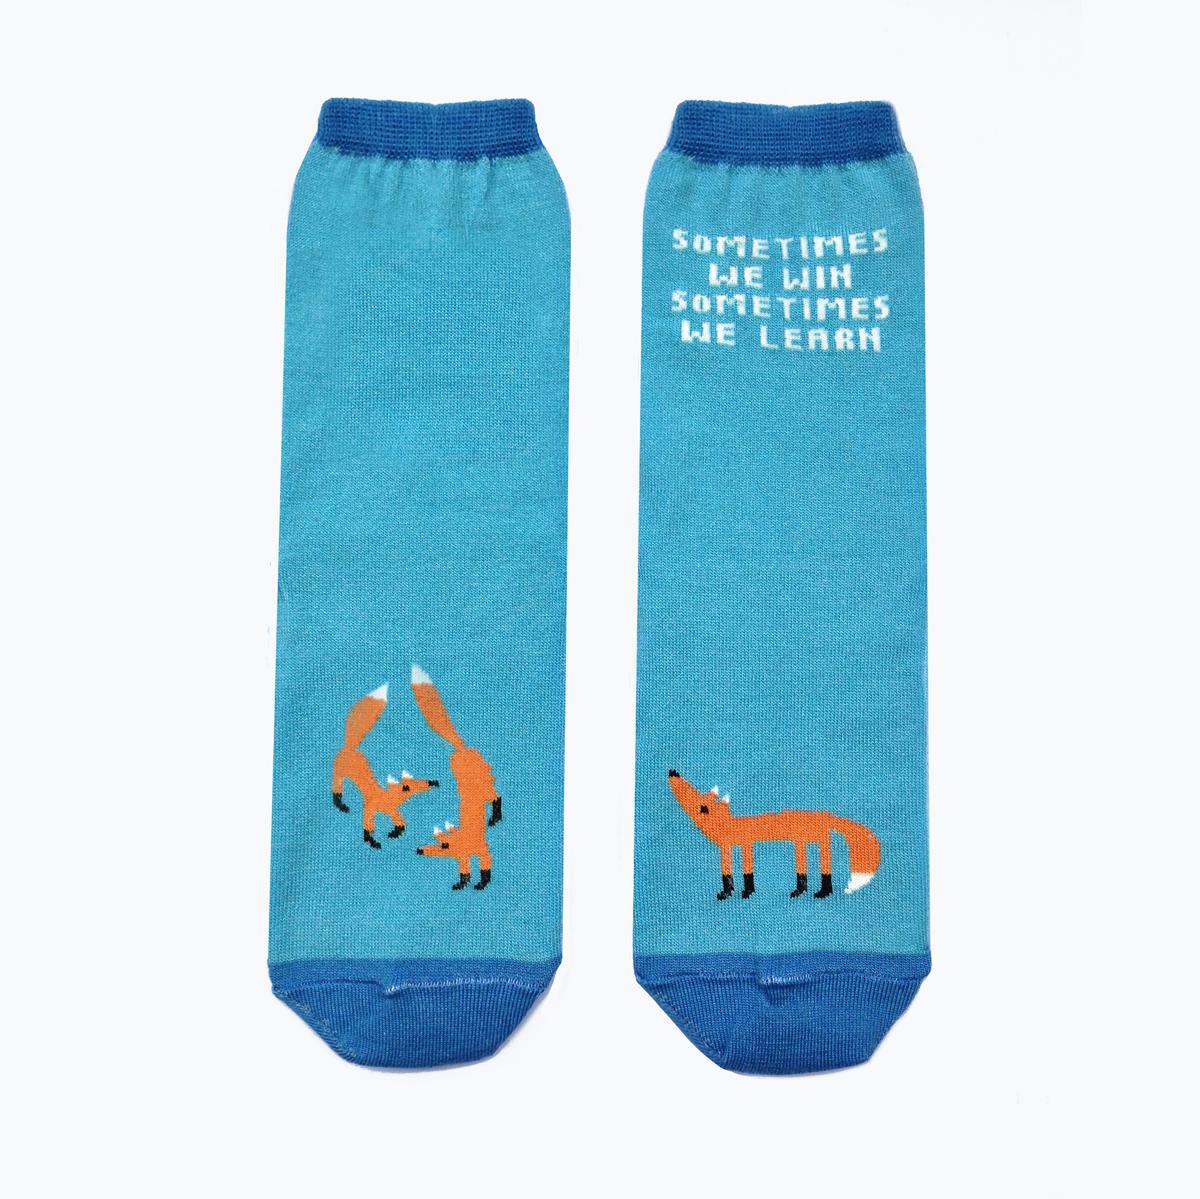 ca1133_махровыеТеплые мужские махровые носки Big Bang Socks изготовлены из высококачественного хлопка с добавлением полиамидных и эластановых волокон, которые обеспечивают великолепную посадку. Носки отличаются ярким стильным дизайном, они оформлены изображением лисичек и надписью: Sometimes we win sometimes we learn. Удобная широкая резинка идеально облегает ногу и не пережимает сосуды, усиленные пятка и мысок повышают износоустойчивость носка, а удлиненный паголенок придает более эстетичный вид. Дизайнерские носки Big Bang Socks - яркая деталь в вашем образе и оригинальный подарок для друзей и близких.